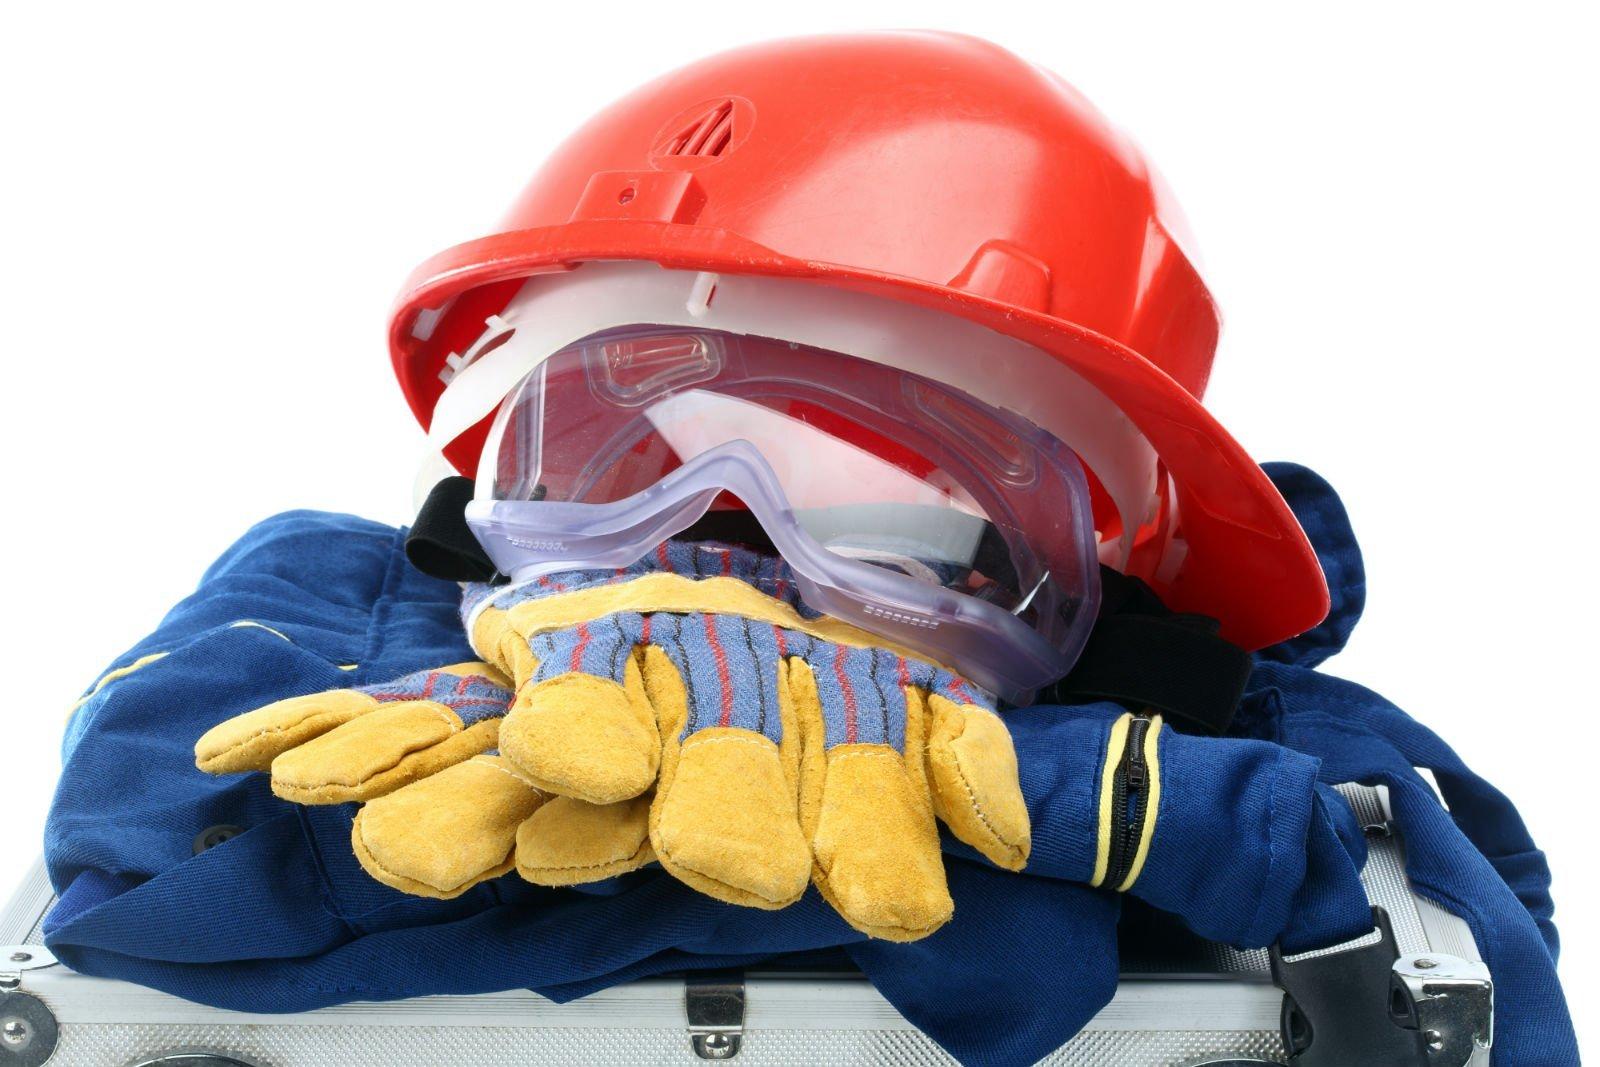 un casco antinfortunistico di color rosso, degli occhiali e dei guanti